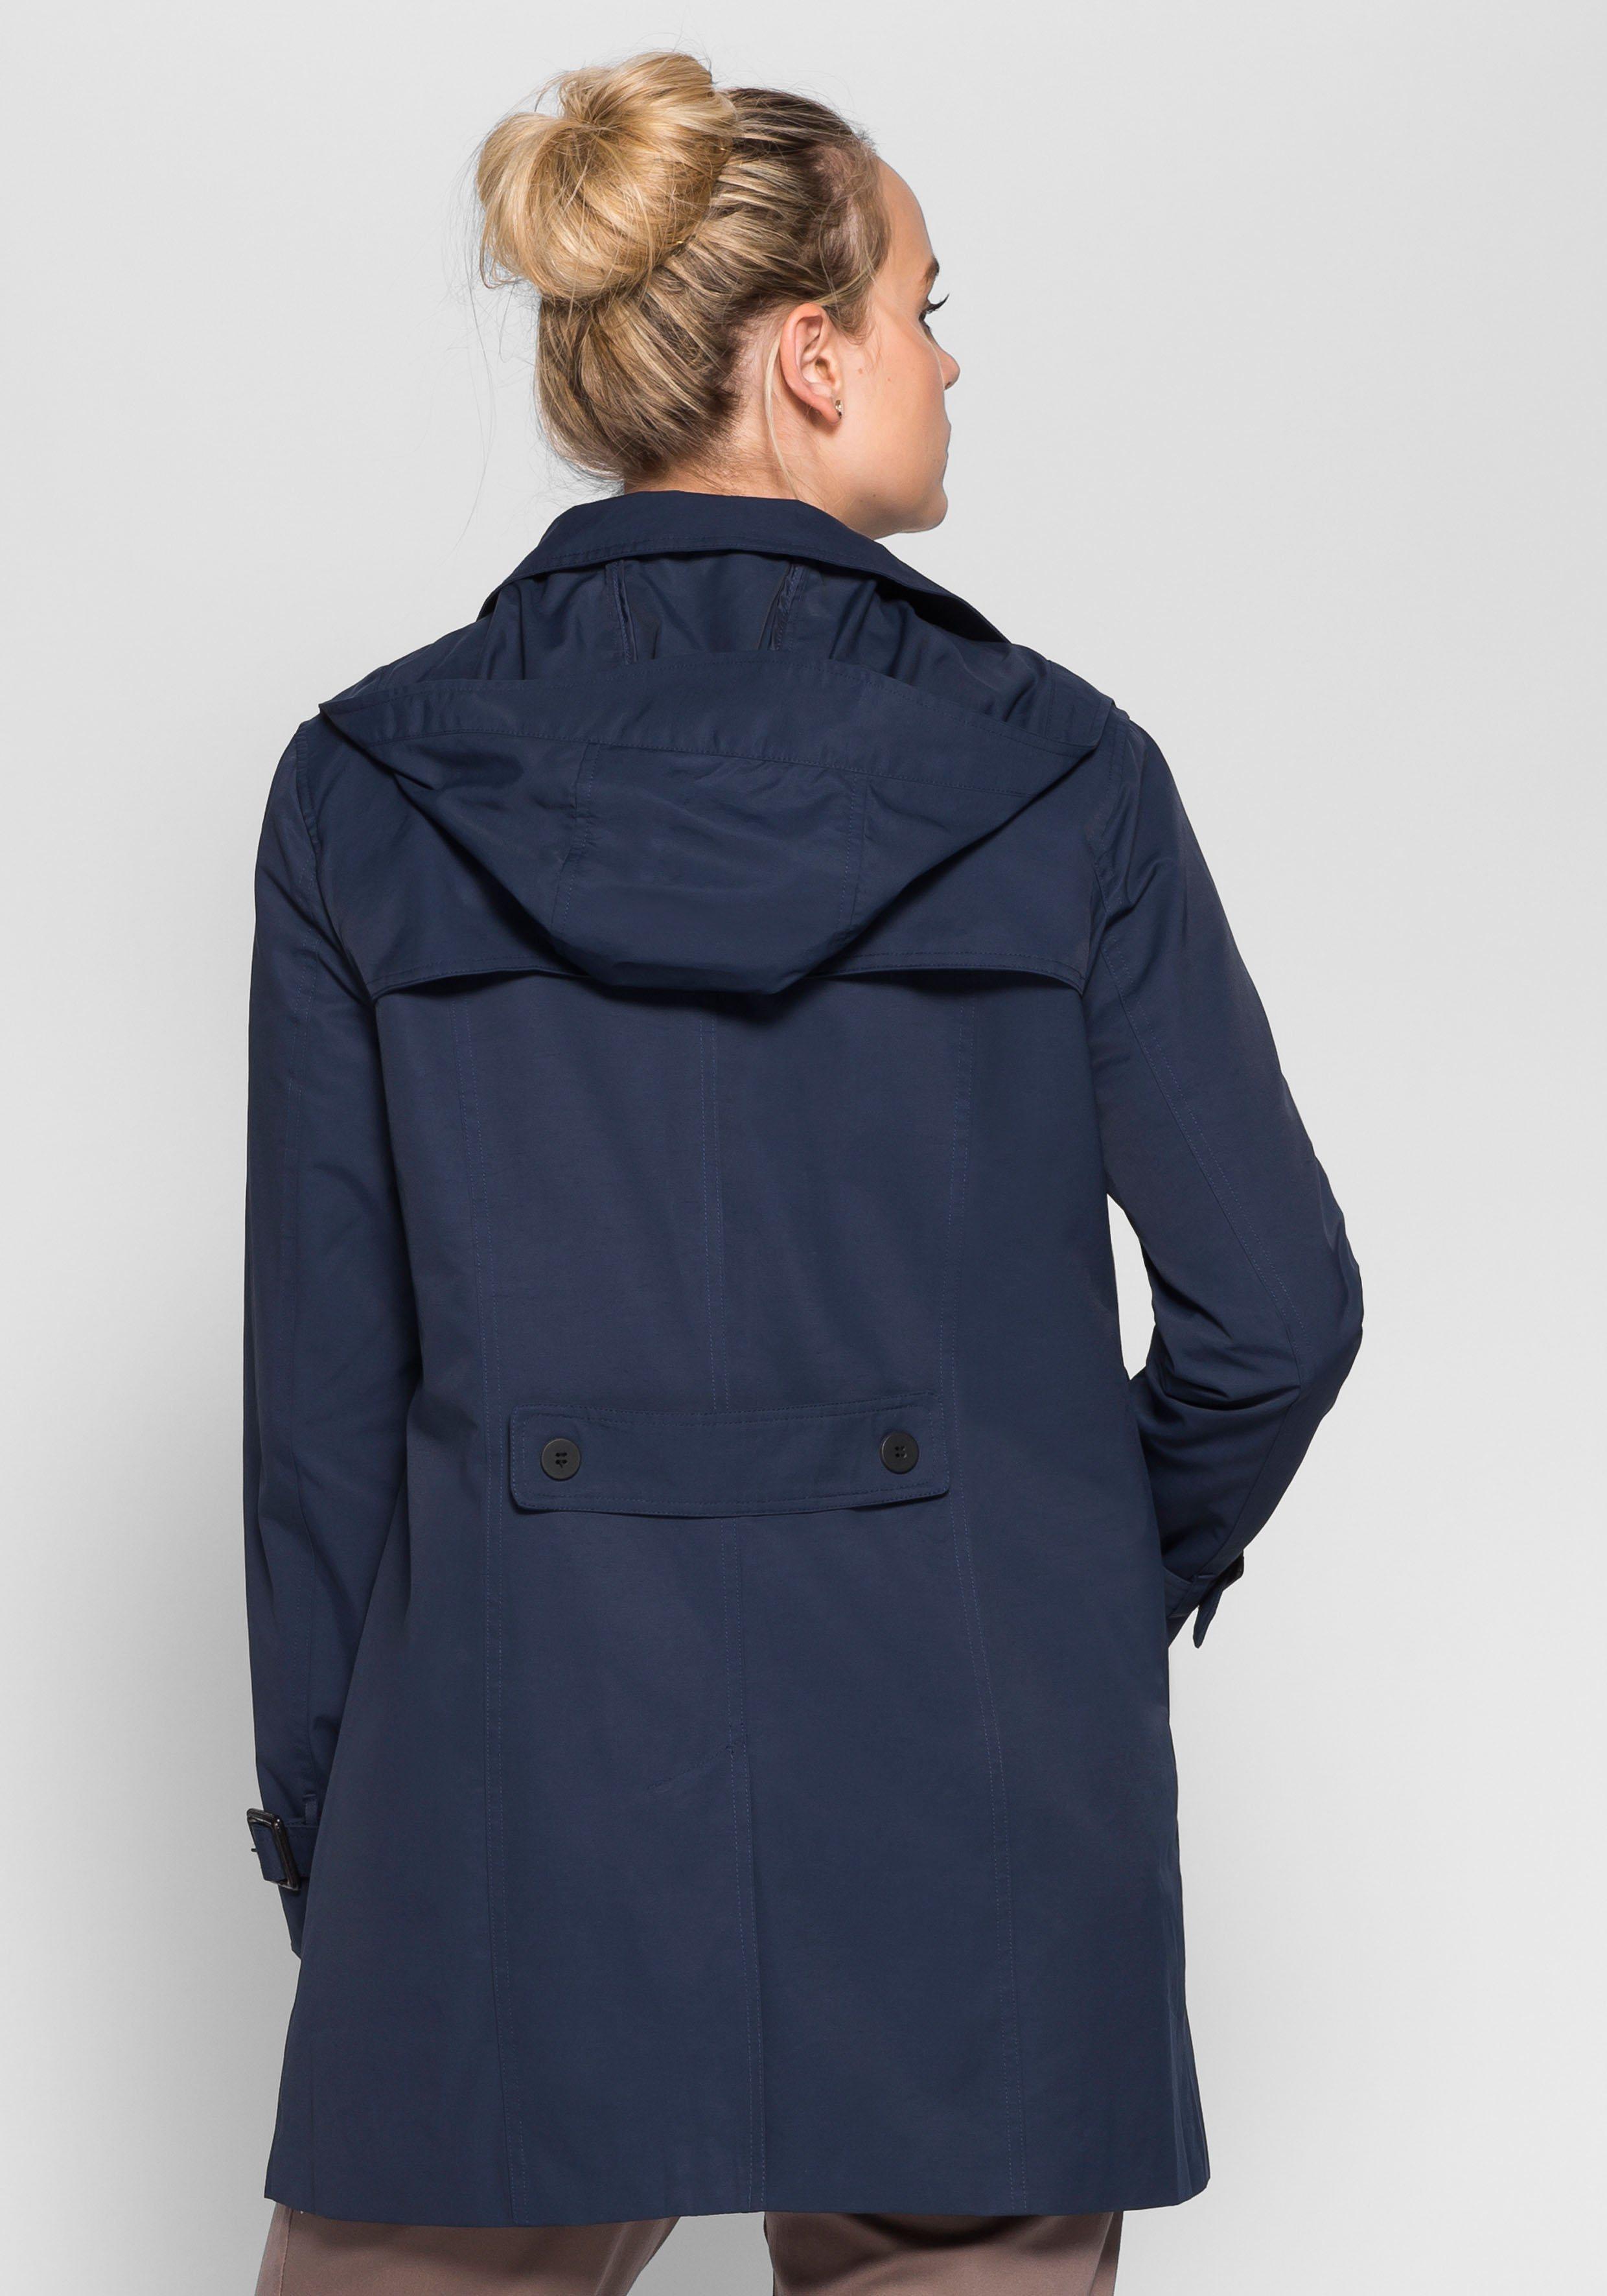 sheego Casual Trenchcoat Winddicht und wasserabweisend durch beschichtete Baumwolle   Bekleidung > Mäntel > Trenchcoats   sheego Casual